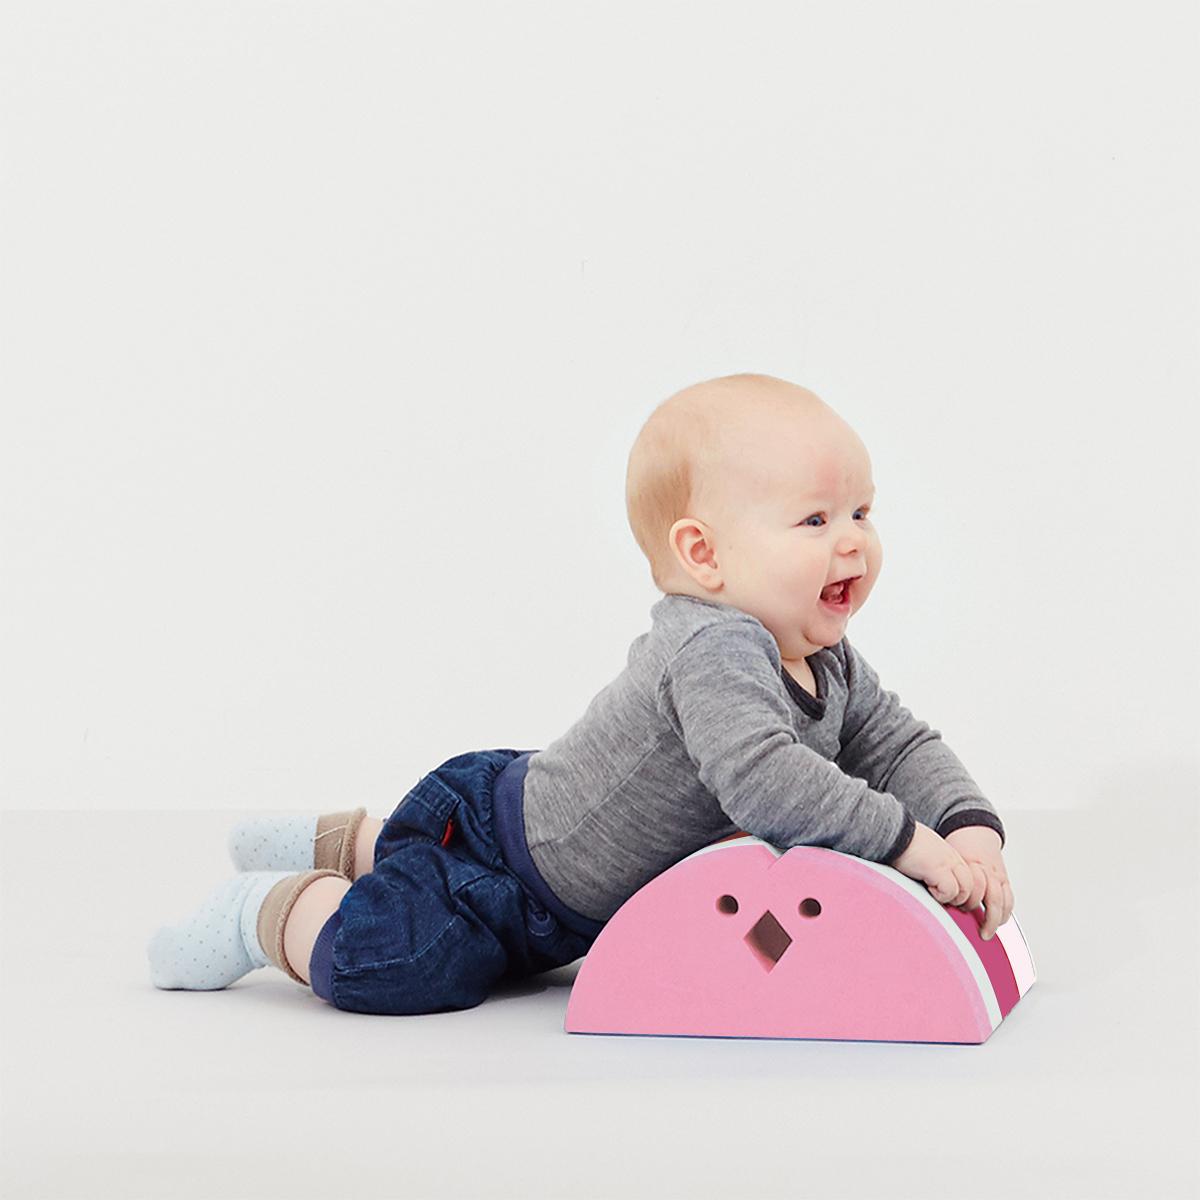 【赤ちゃん便り】第9回 生後2か月で楽しいおうちあそび